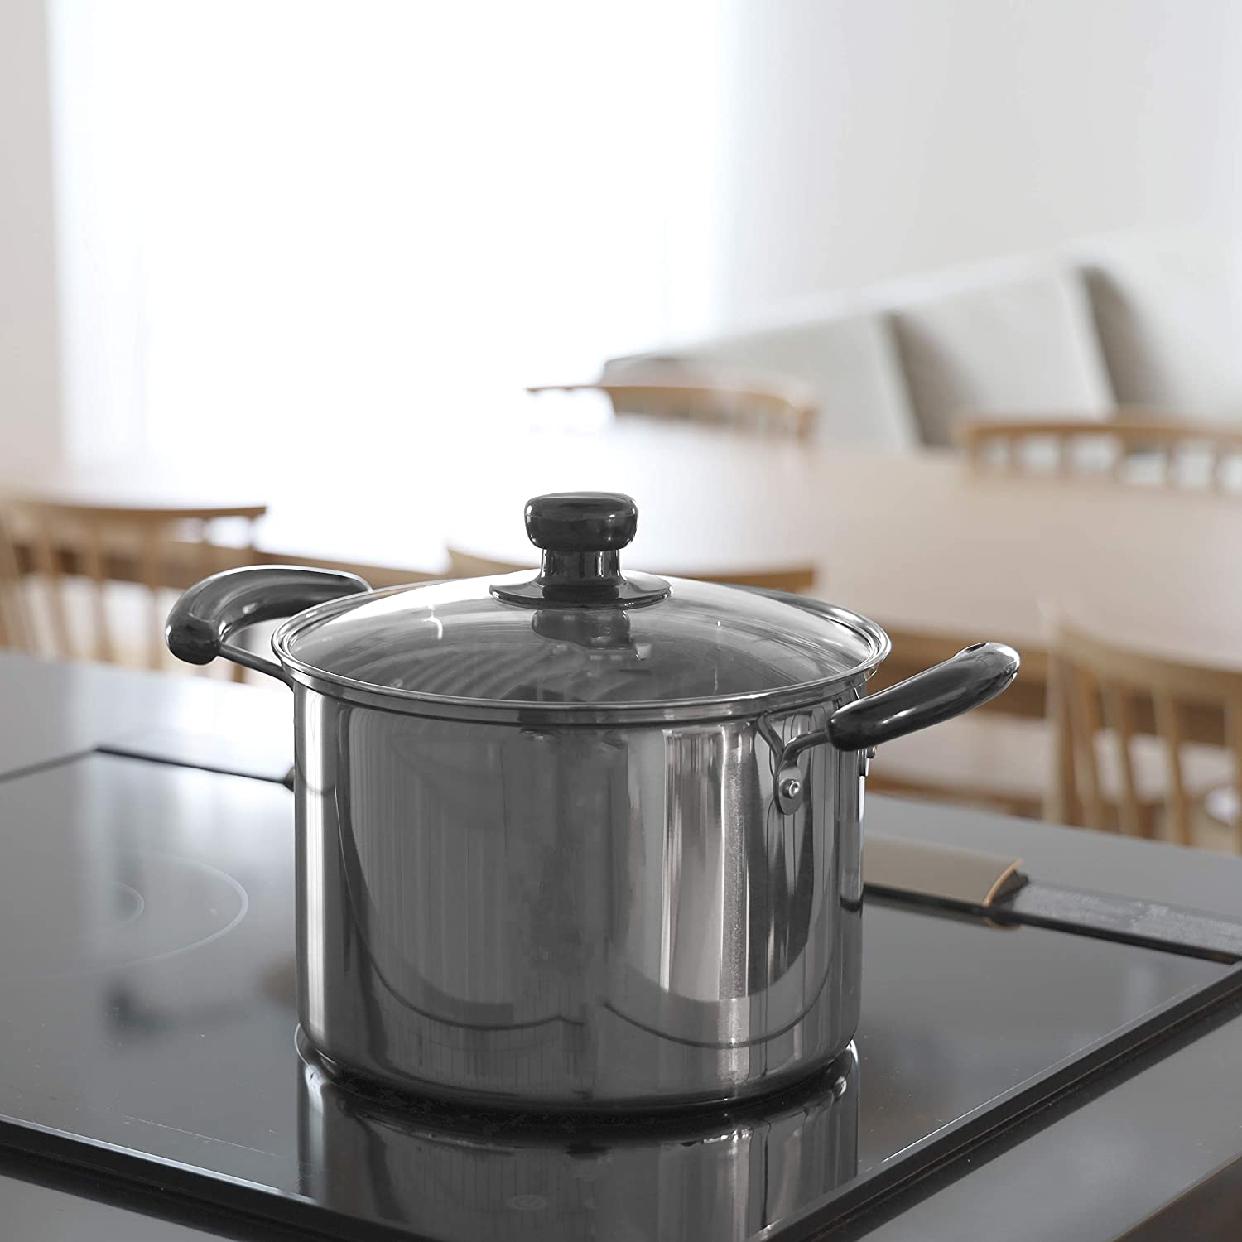 パール金属(パールキンゾク)NEWだんらん ステンレス製ガラス蓋付兼用鍋 H-5872の商品画像4